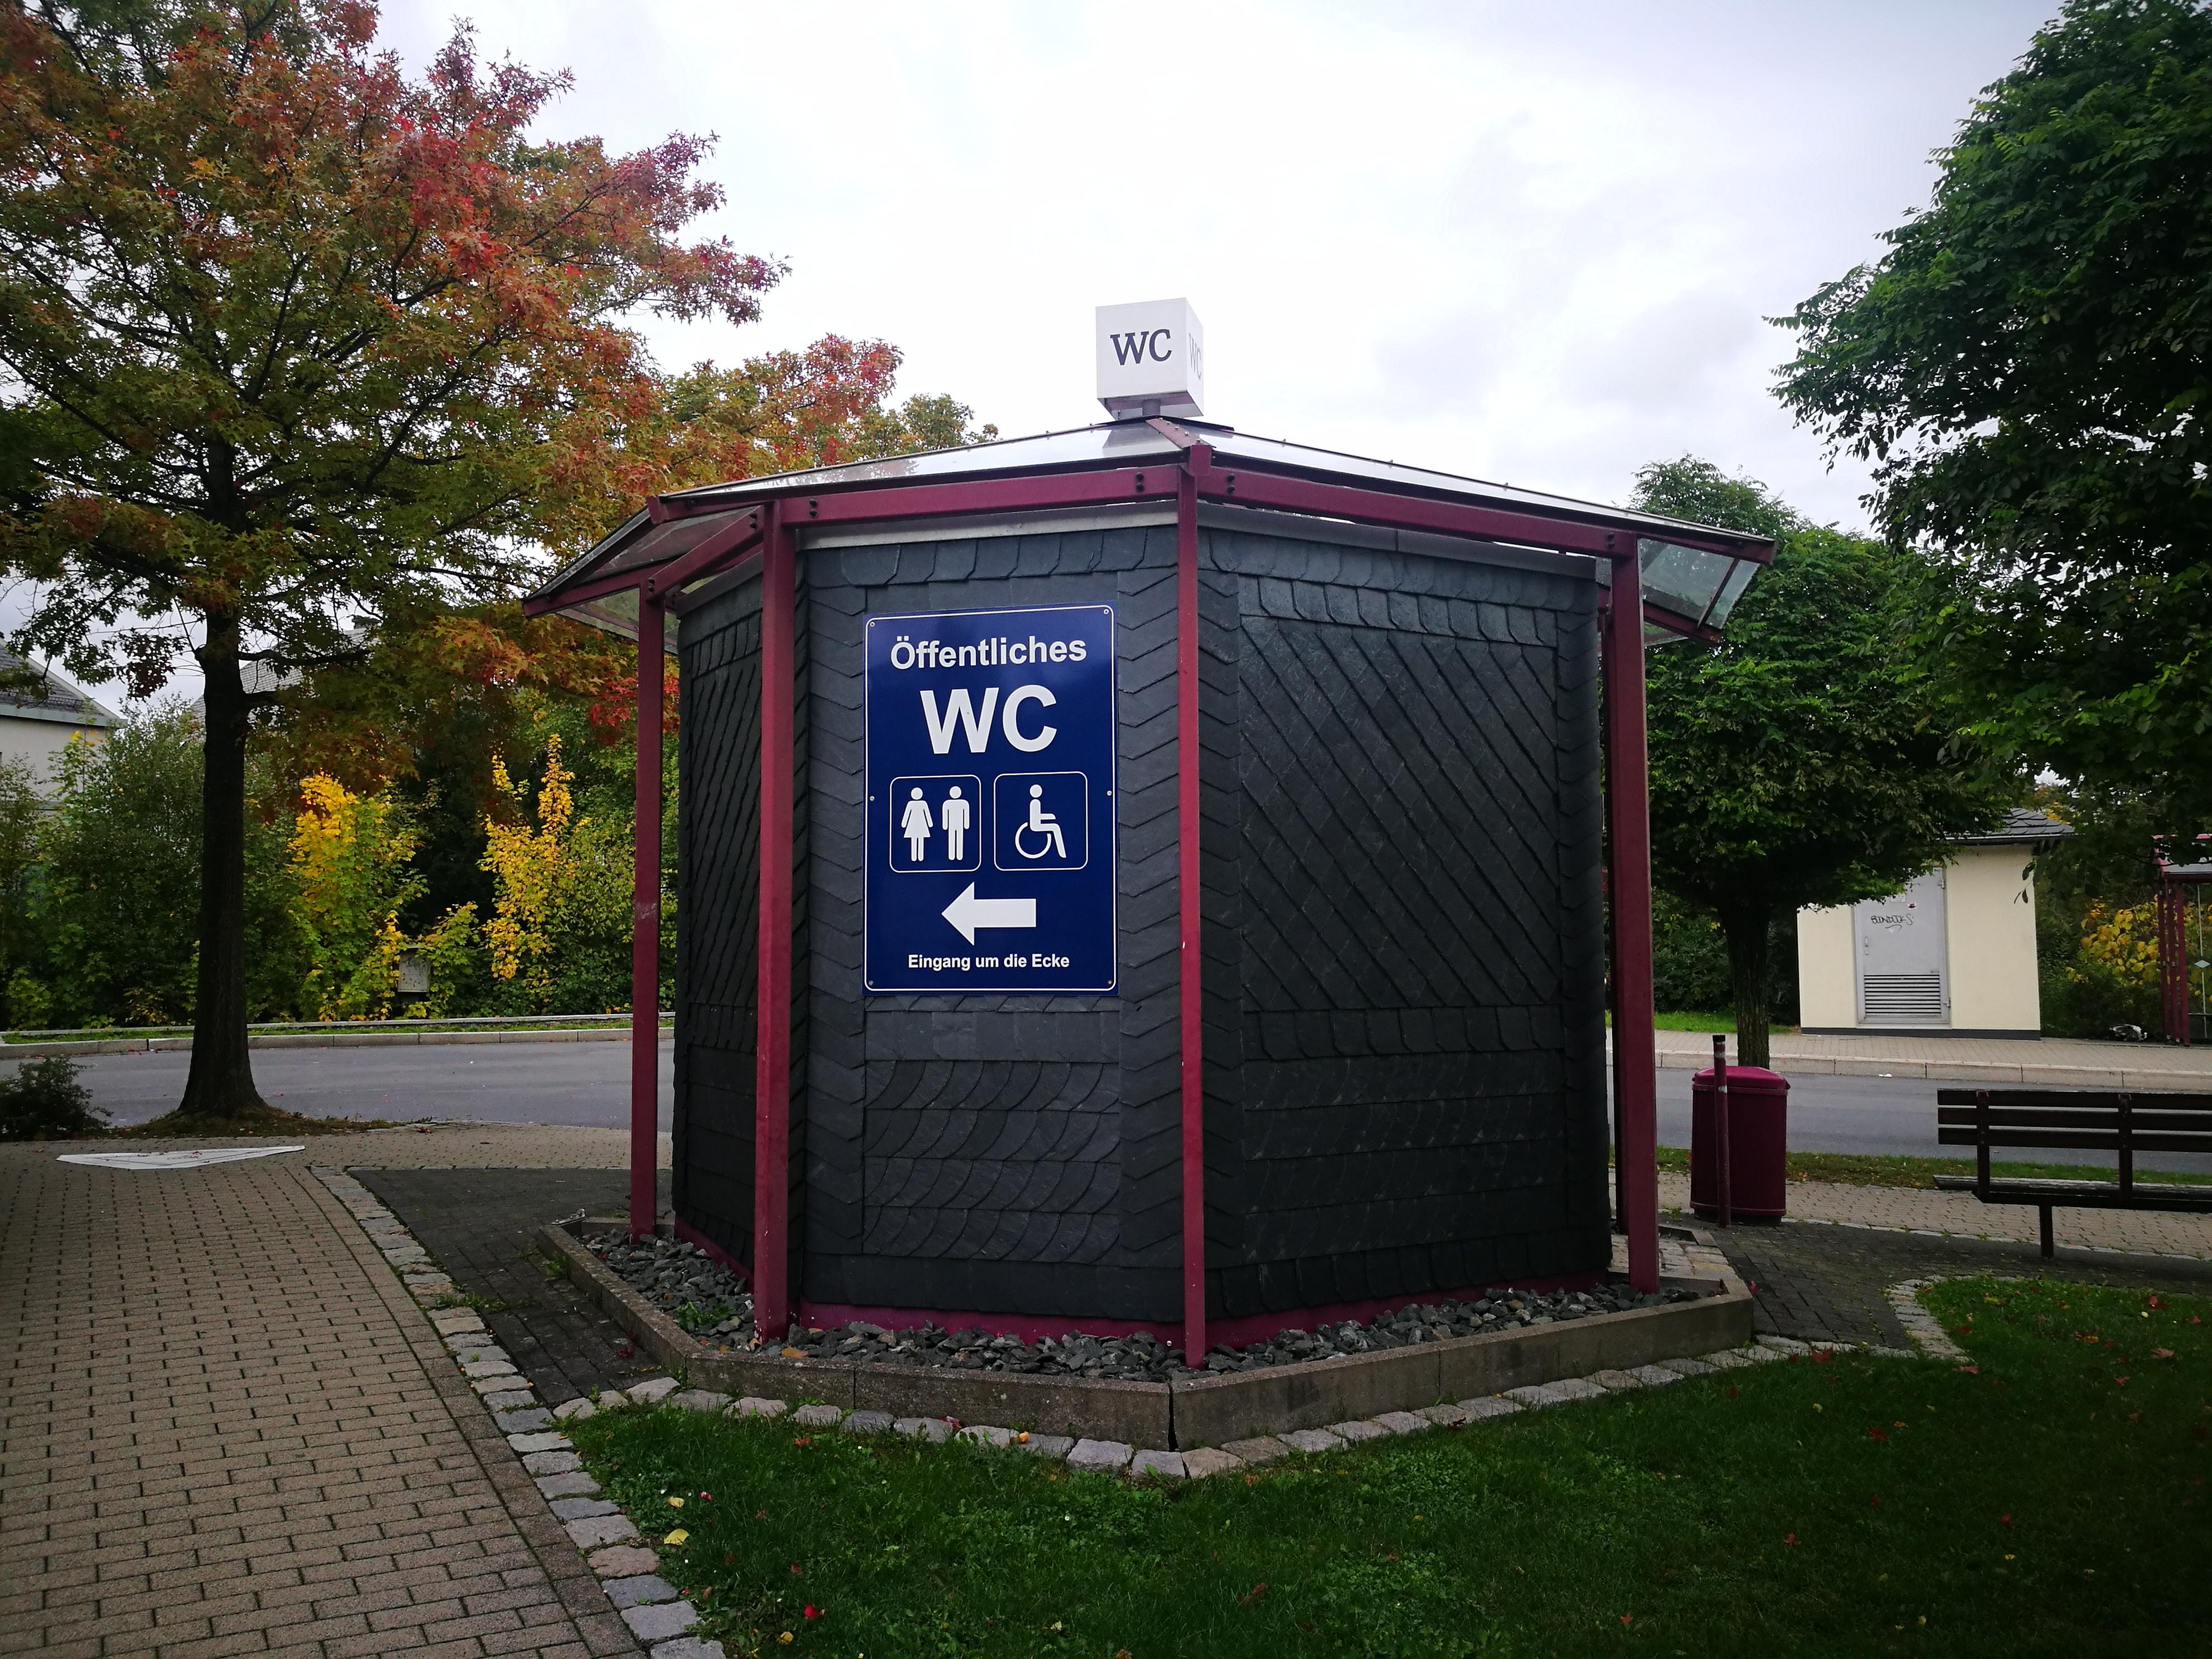 Stadt_Einsatzberichte_2019/oeffentliche_WC-Anlage_Le-Puy_Strasse.jpg